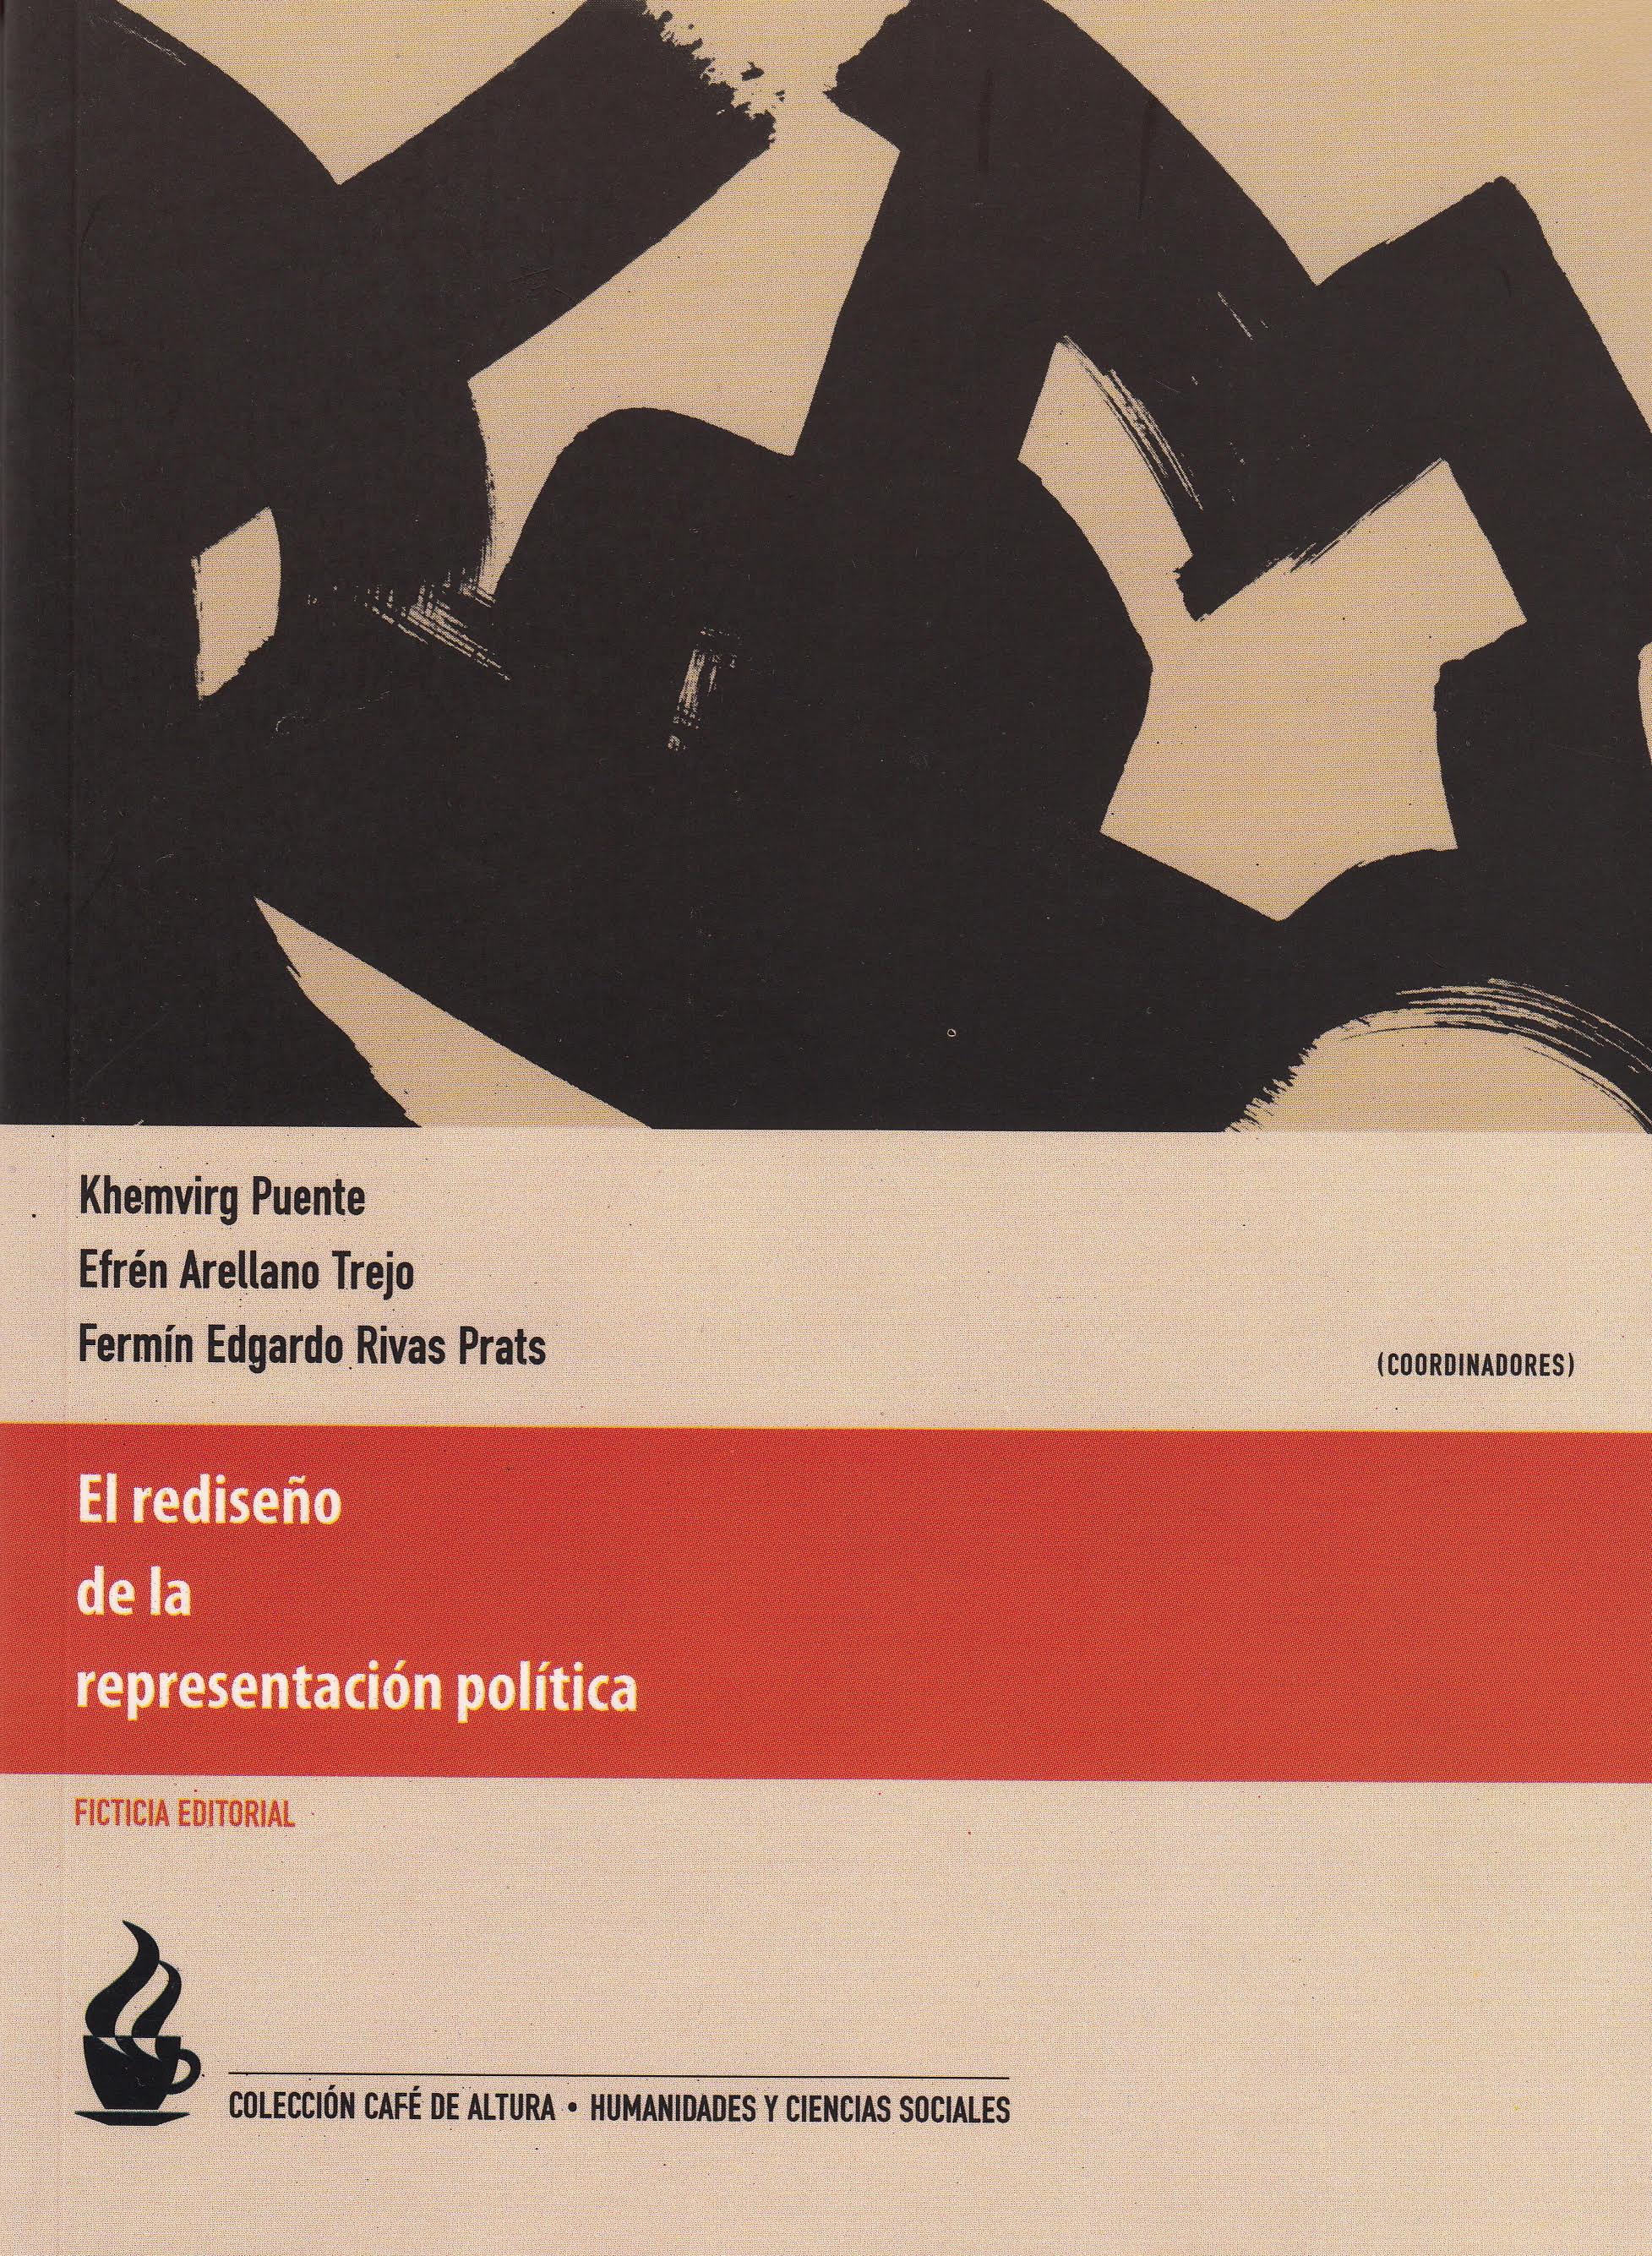 Puente, Khemvirg. 2015. El rediseño de la representación política. México. Ficticia editorial (Café de altura. Humanidades y Ciencias Sociales; 4)